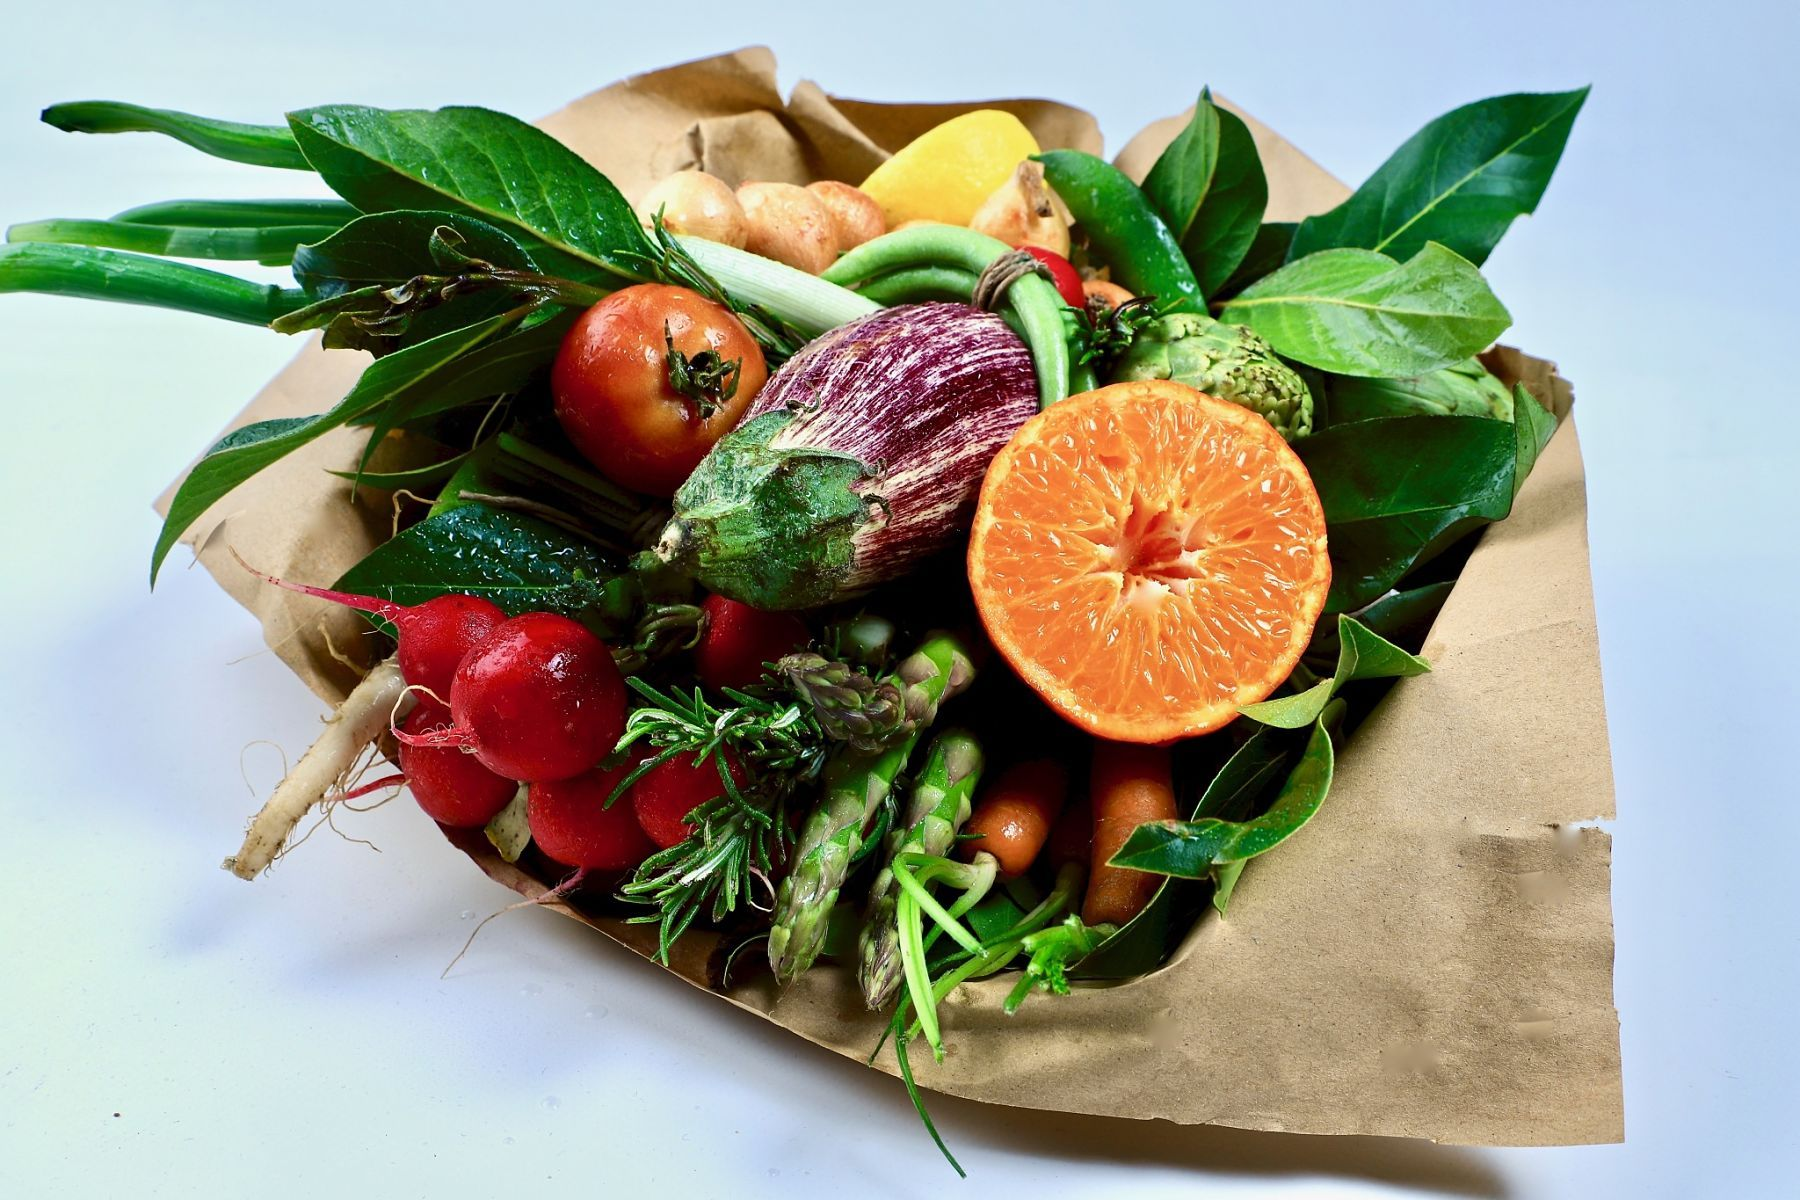 Fotografia ramo de hortalizas